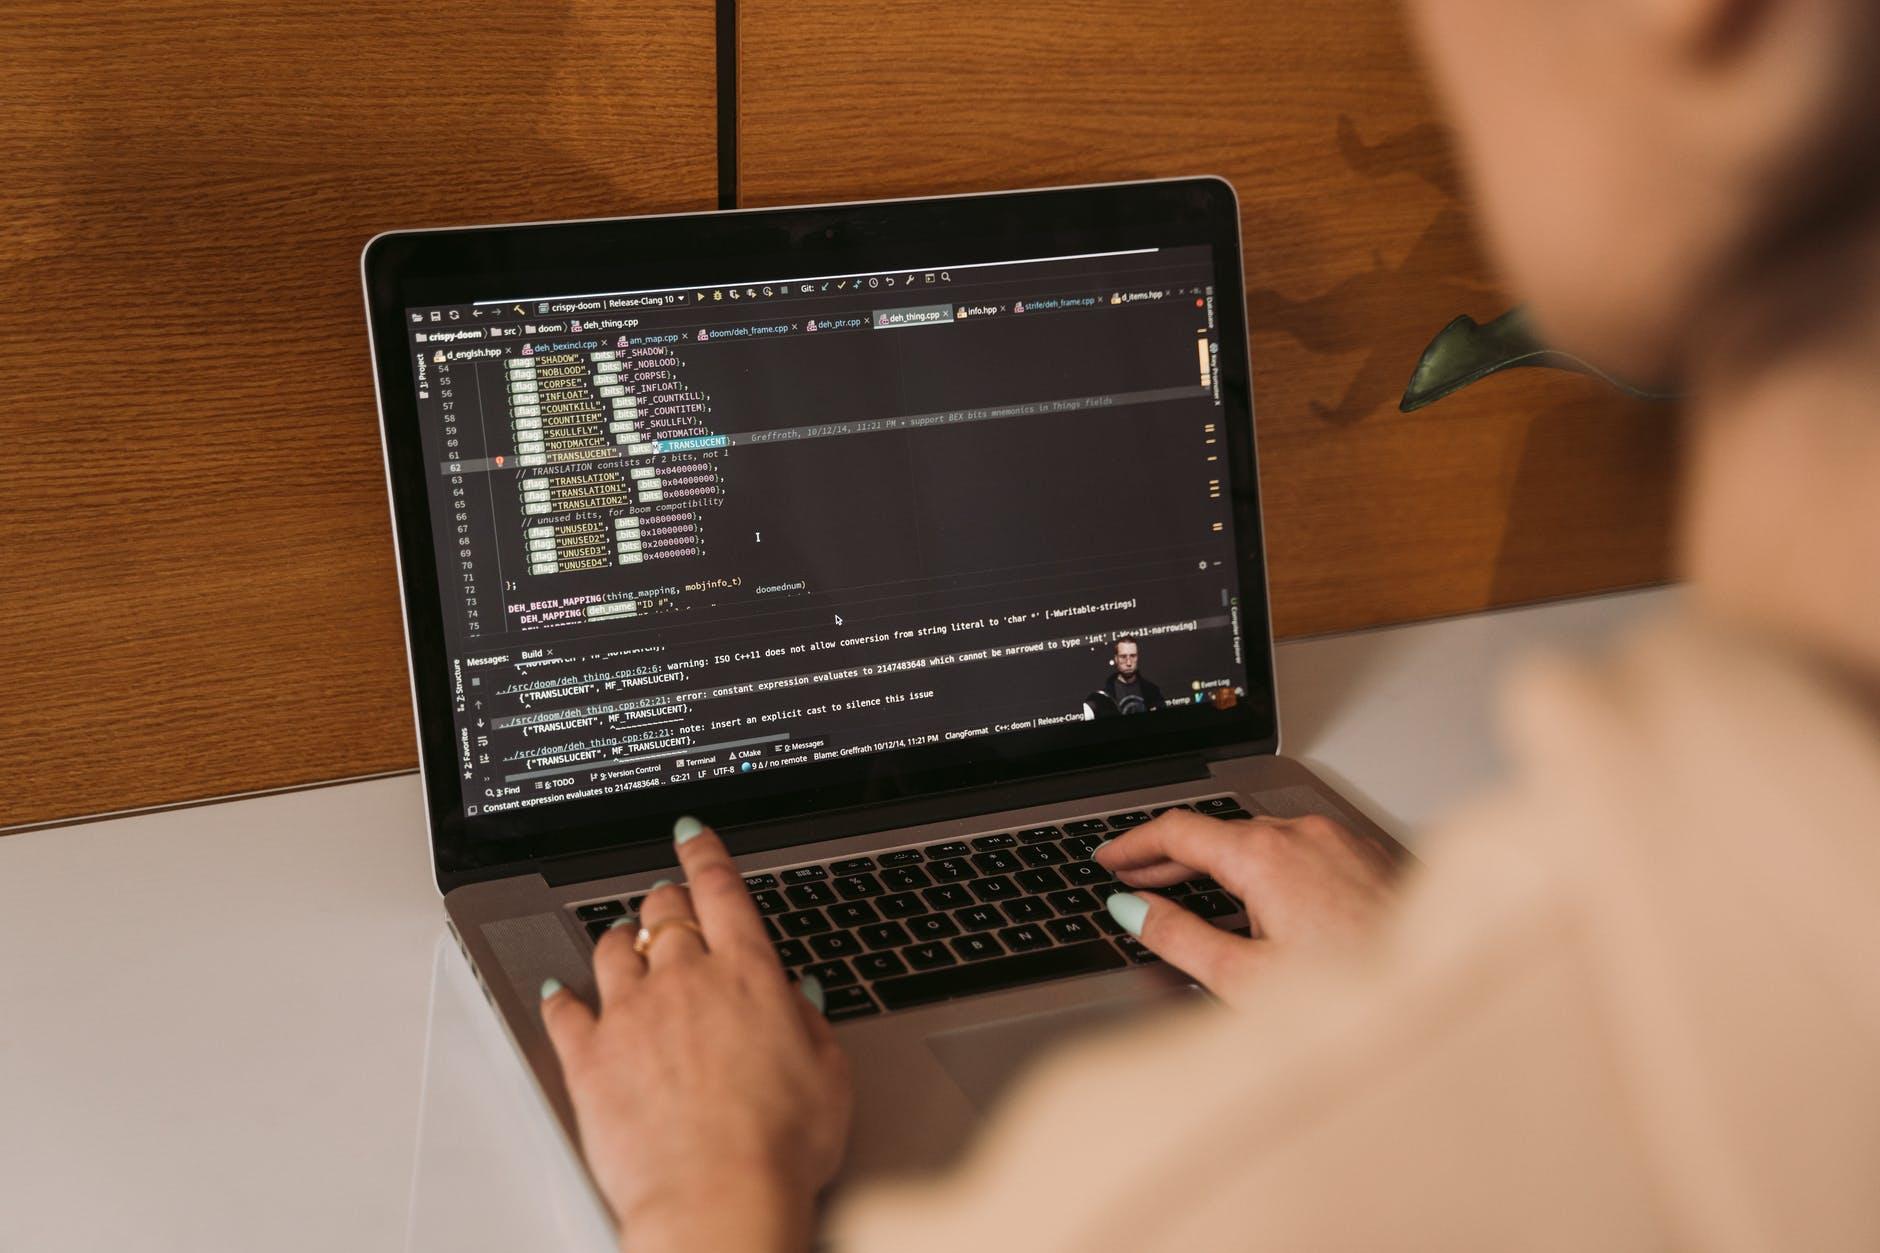 کامنت بگذارید از اصول کد نویسی